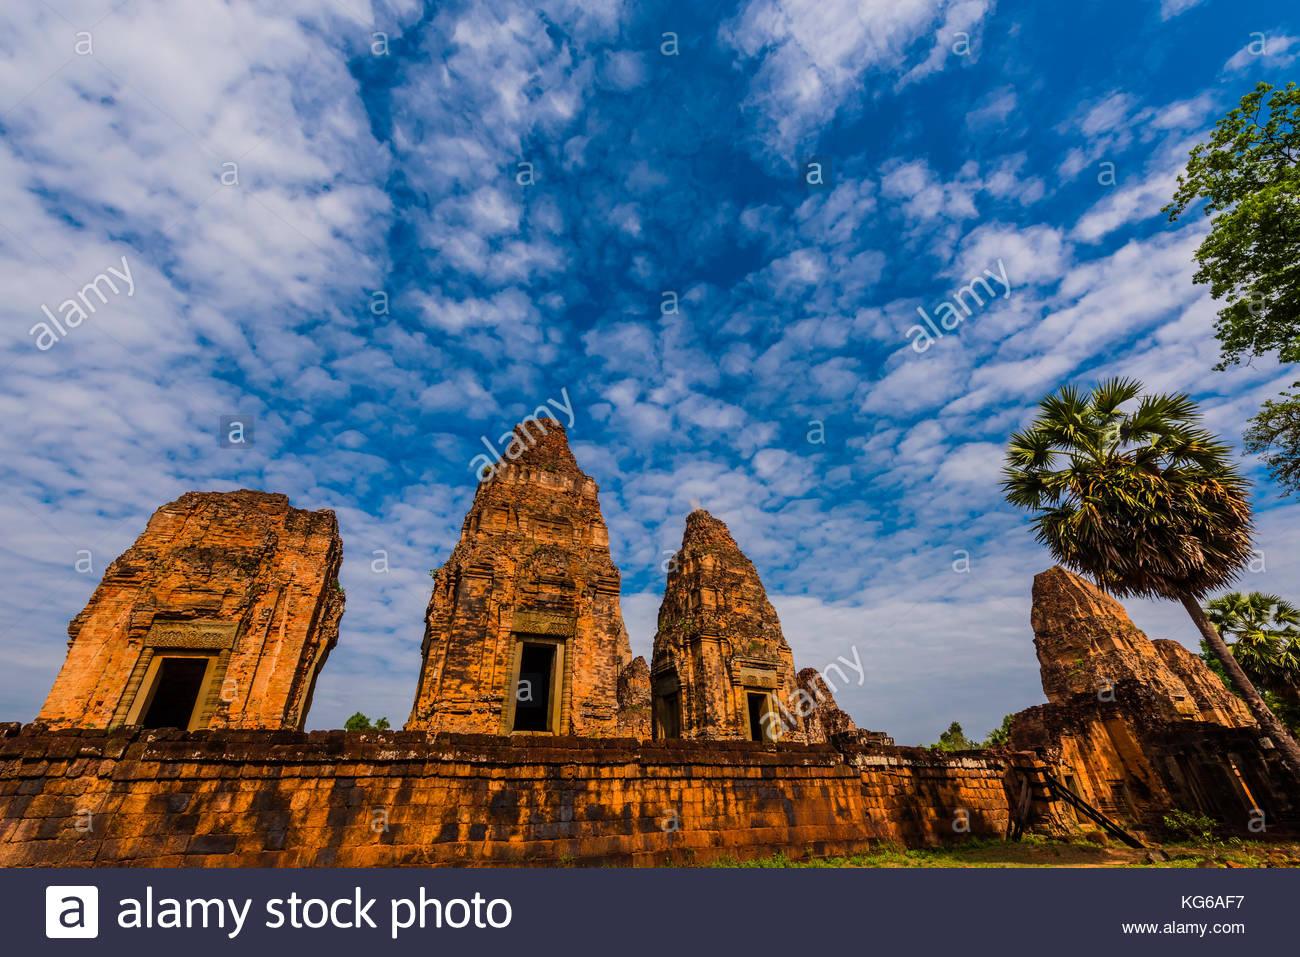 Pre Rup est un temple hindou à Angkor, Cambodge, construit comme le temple d'état de Rajendravarman Photo Stock